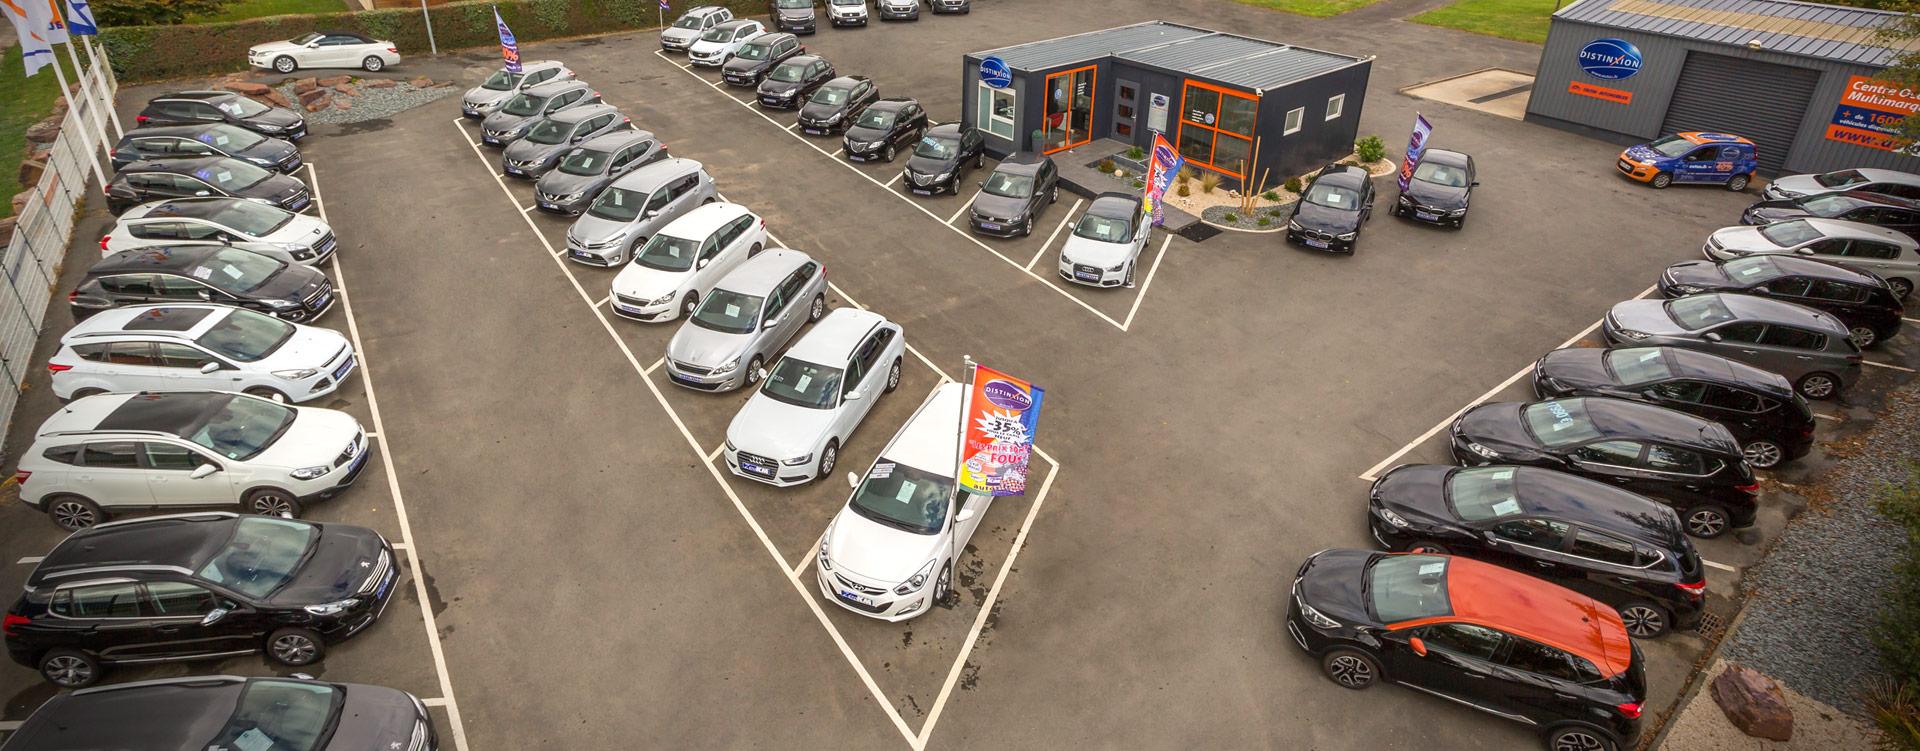 Vente autos neuves et d'occasions près de Rennes